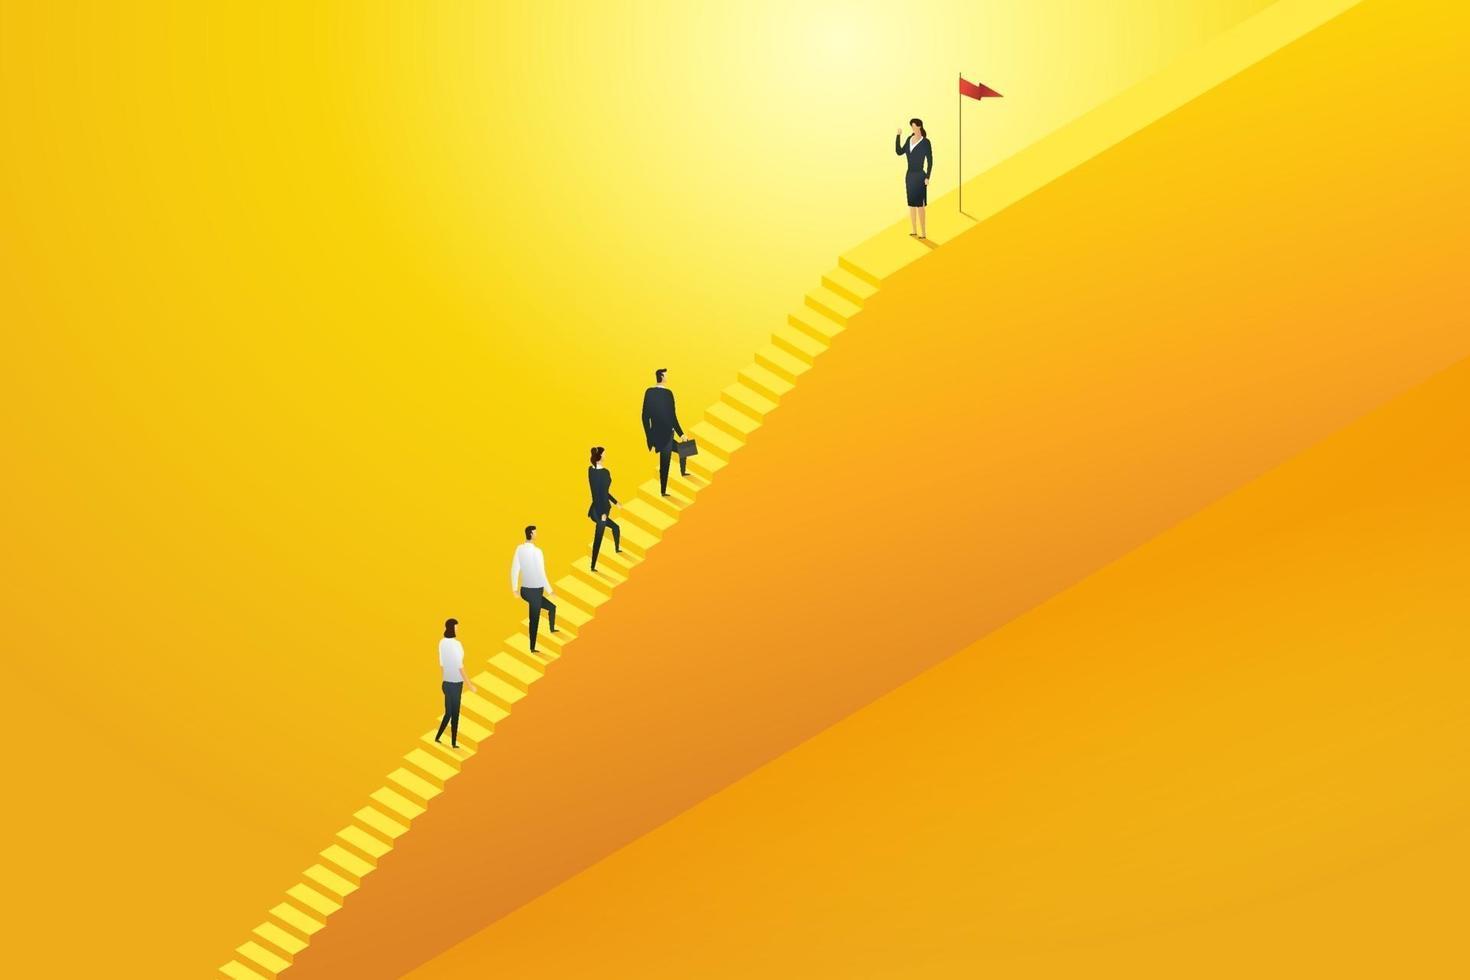 equipe de negócios líder de negócios subindo escadas. vetor